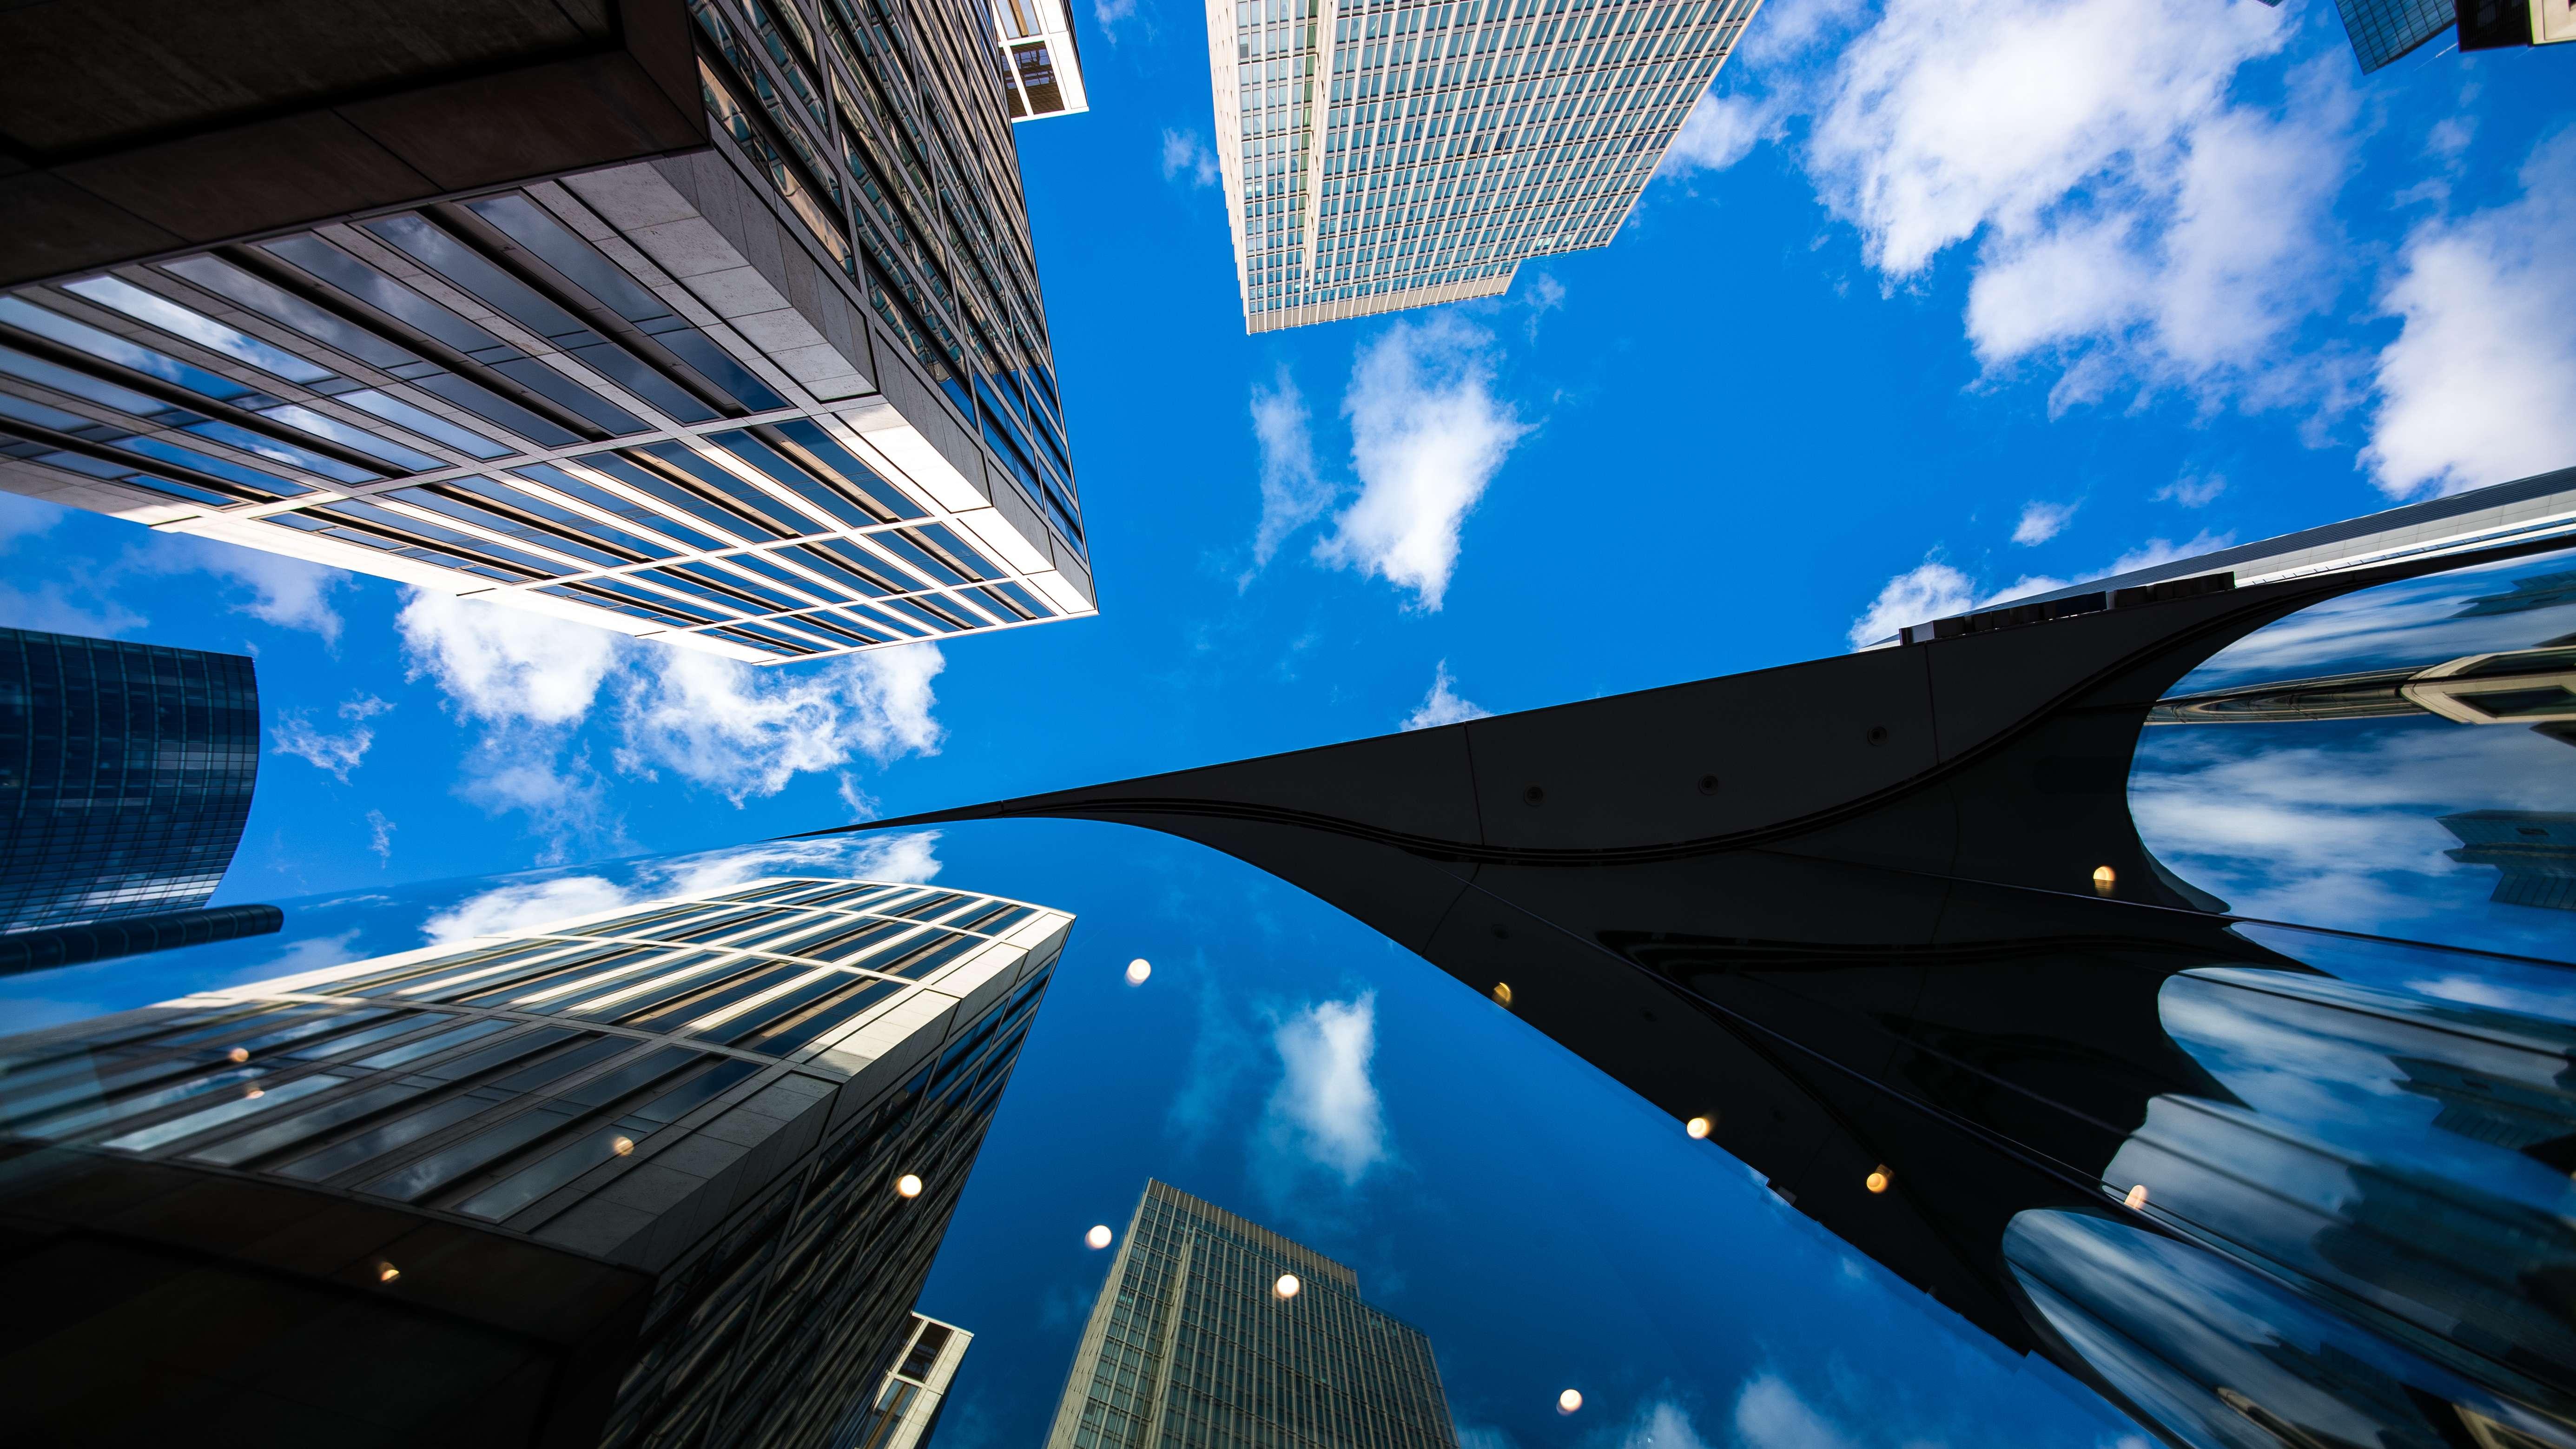 Die Deutsche Bank, andere Bankentürme und Bürohäuser sind tatsächlich und als Spiegelung in einer Glasfassade zu sehen.